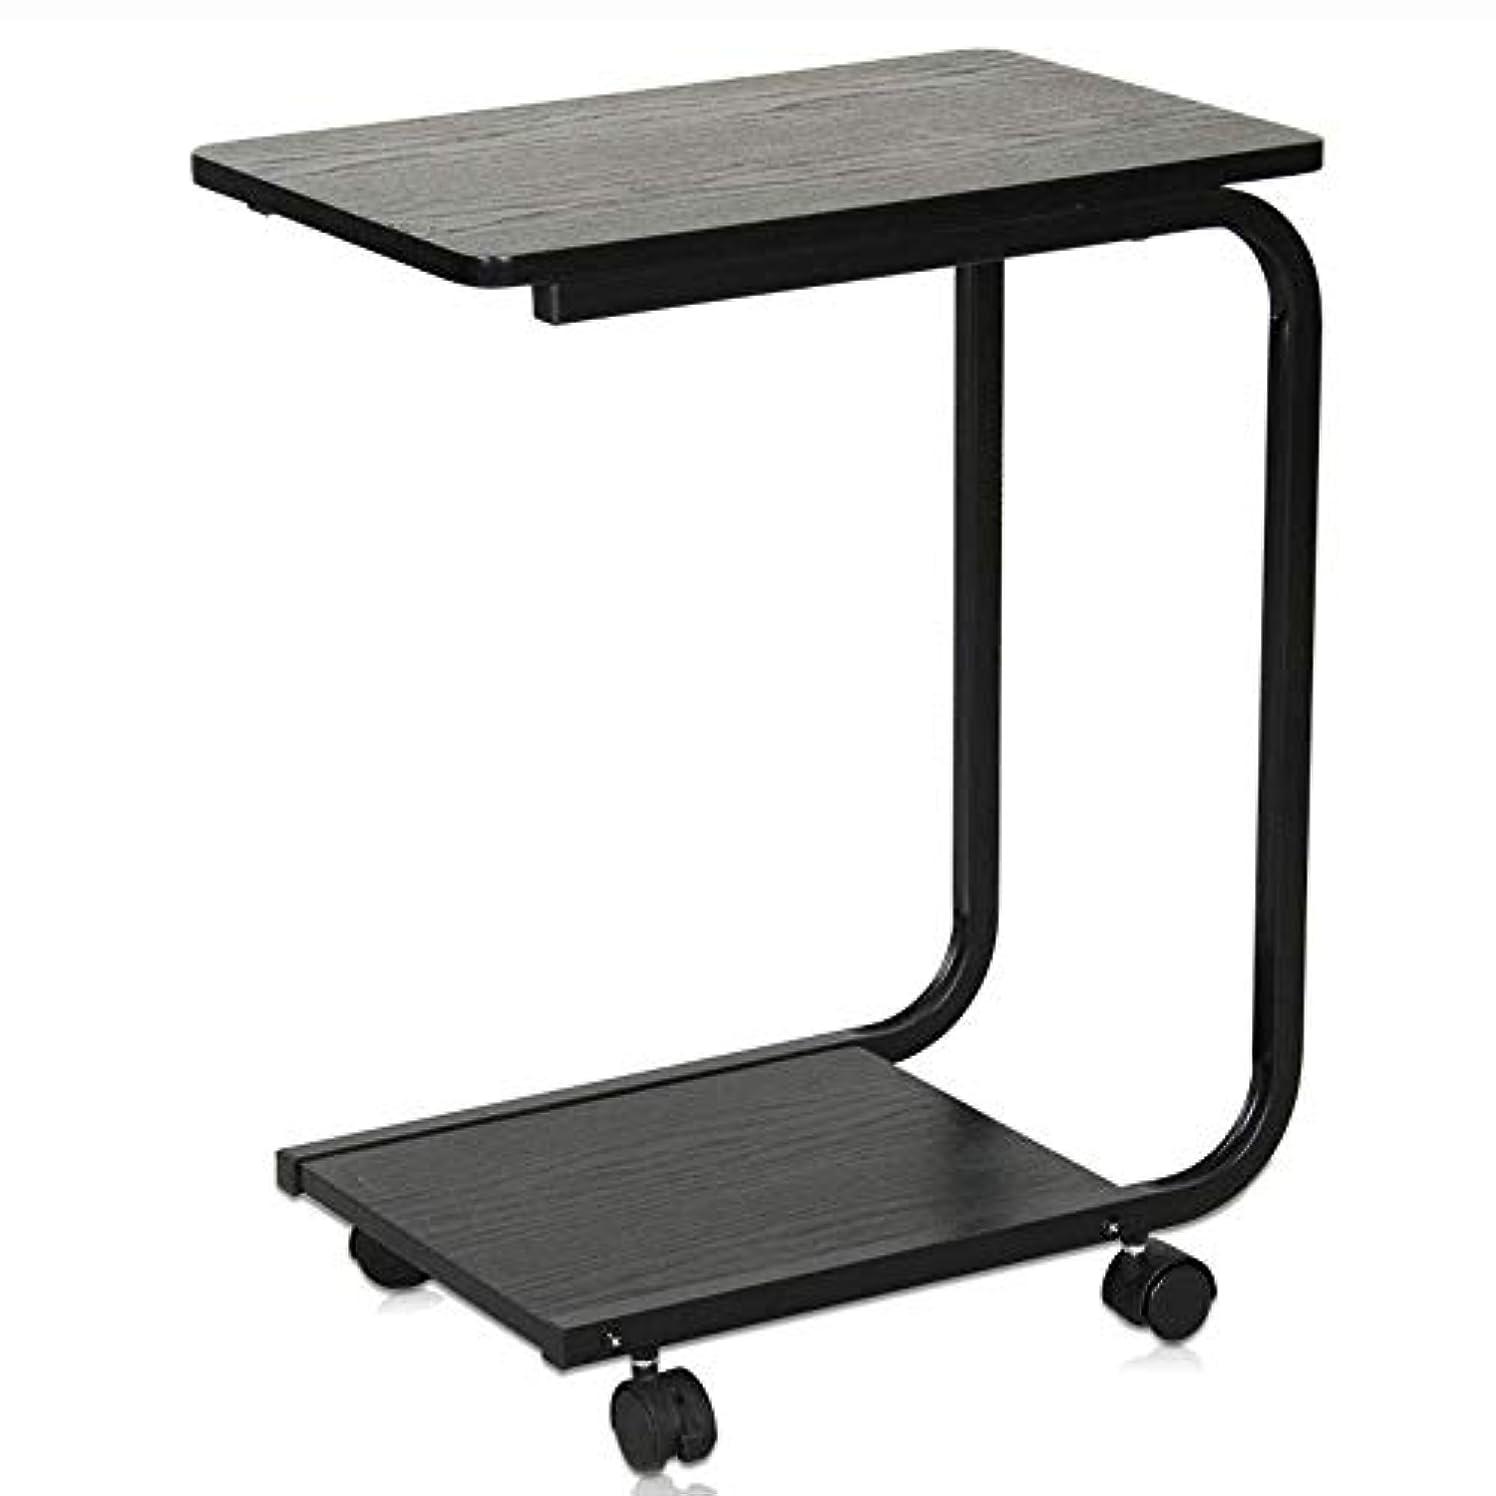 雇う勇気のあるイタリックシンプルなモバイルベッドルームのコーヒーテーブルサイドテーブル、ローラーバルコニーサイドテーブルカートトレイ、ラップトップスタンド、シックなU字型デザイン HuuWisseor22